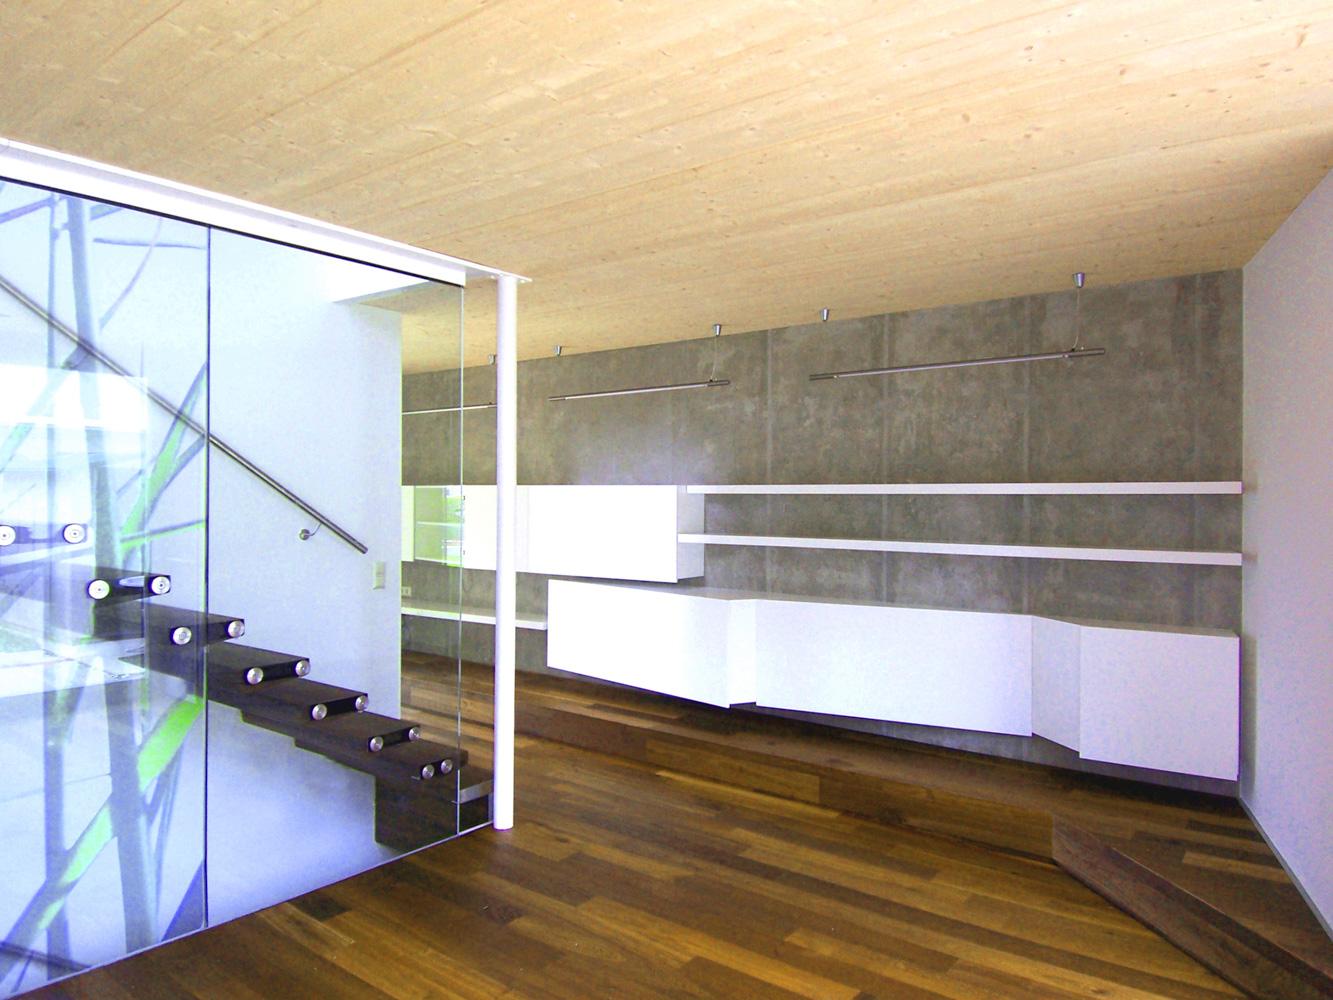 Innenansicht eines Doppelhauses an der alten Donau mit Holz-Glas-Stiege und besonderer Stauraum-Lösung an der Wand